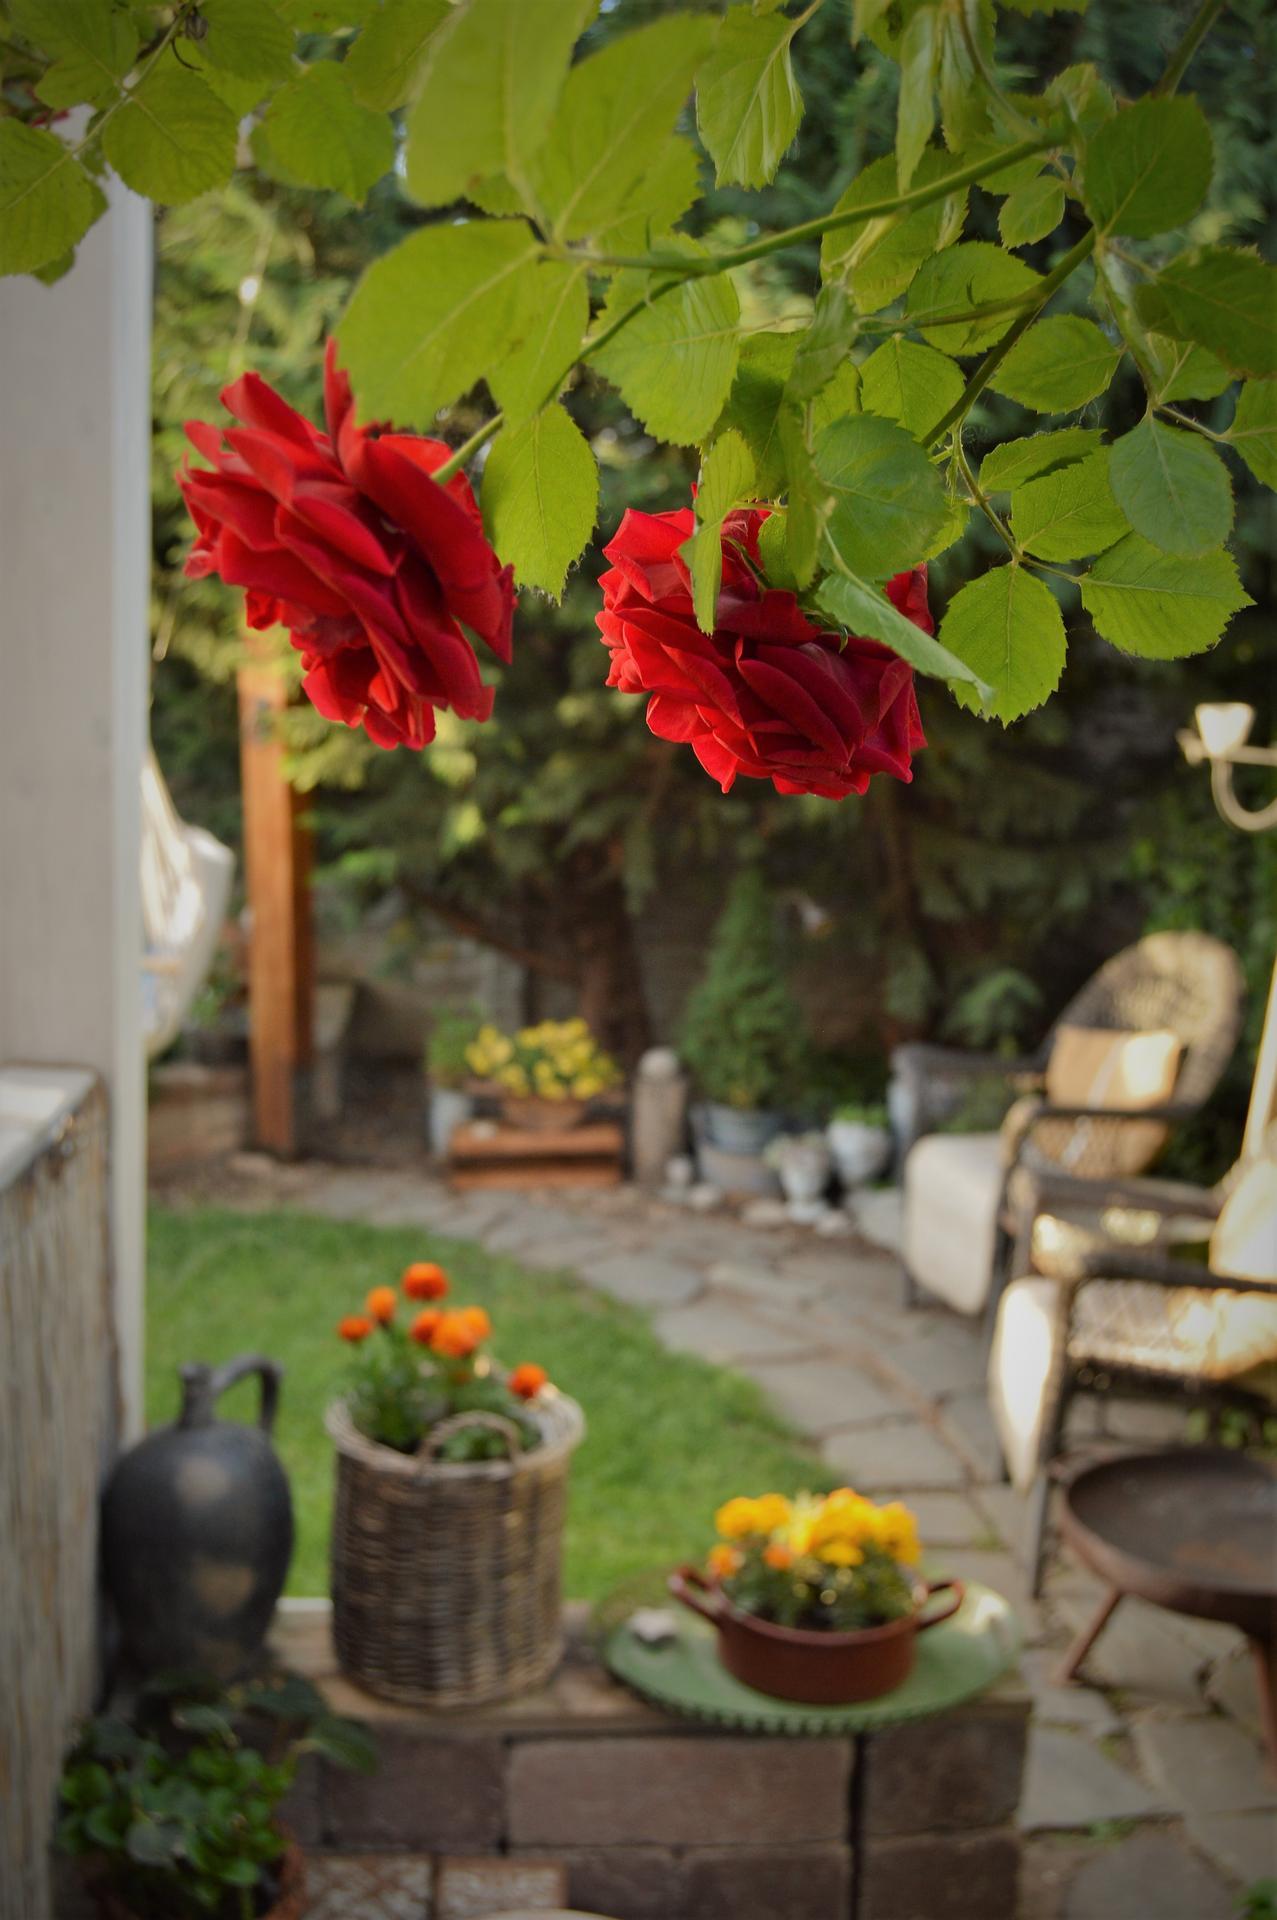 Záhrada a terasa 2021 - Obrázok č. 44